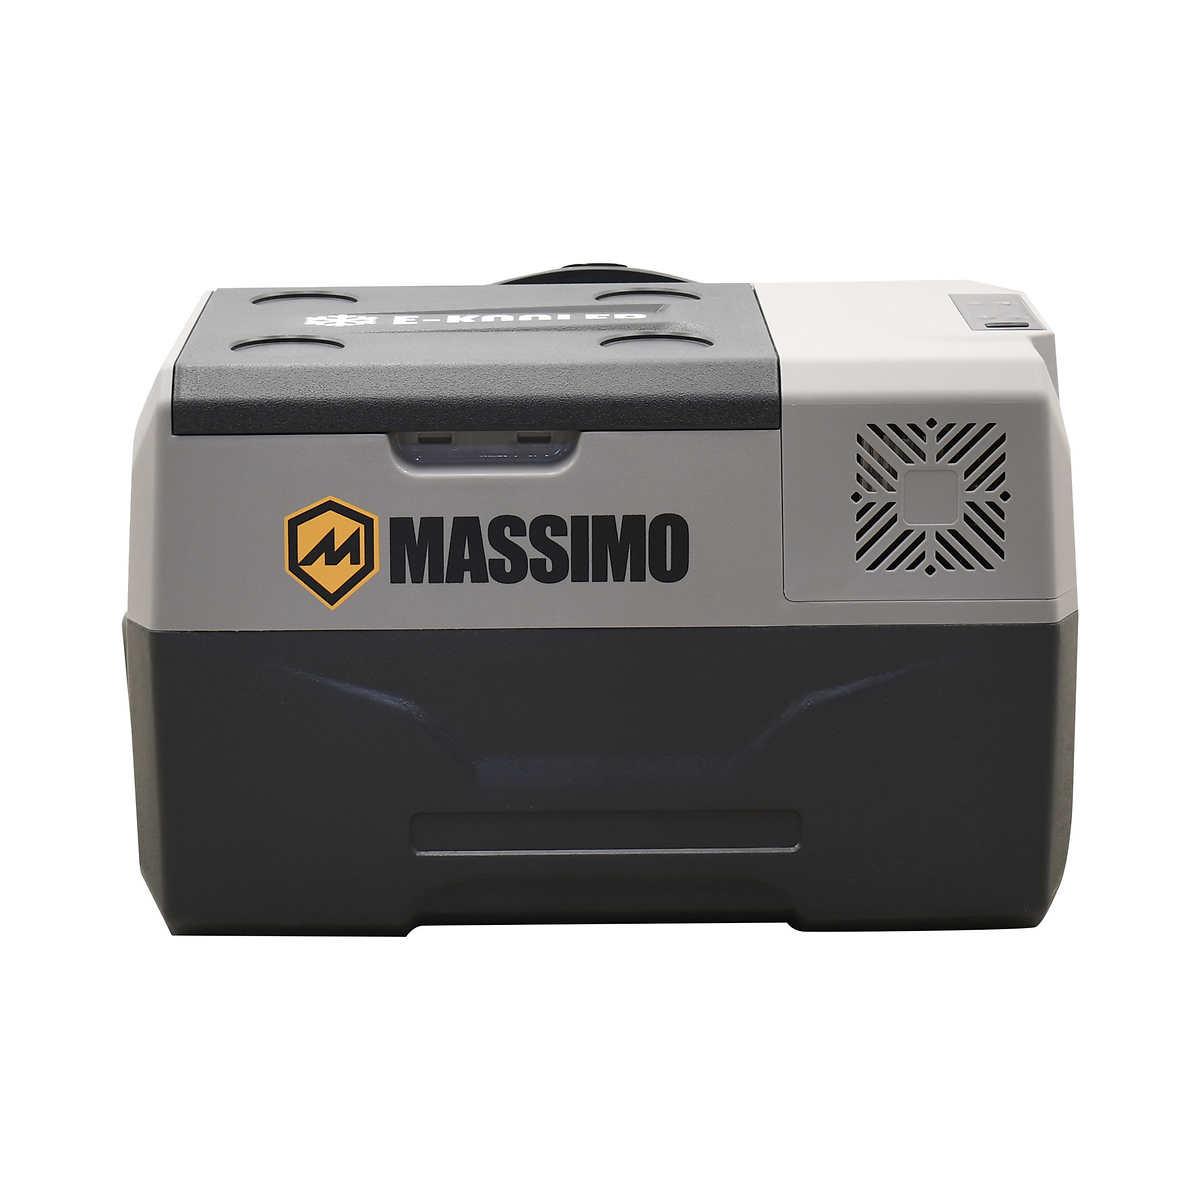 Costco: Massimo Portable E-Koolers on Sale (CX30/40/50 - $249.99/259.99/269.99)